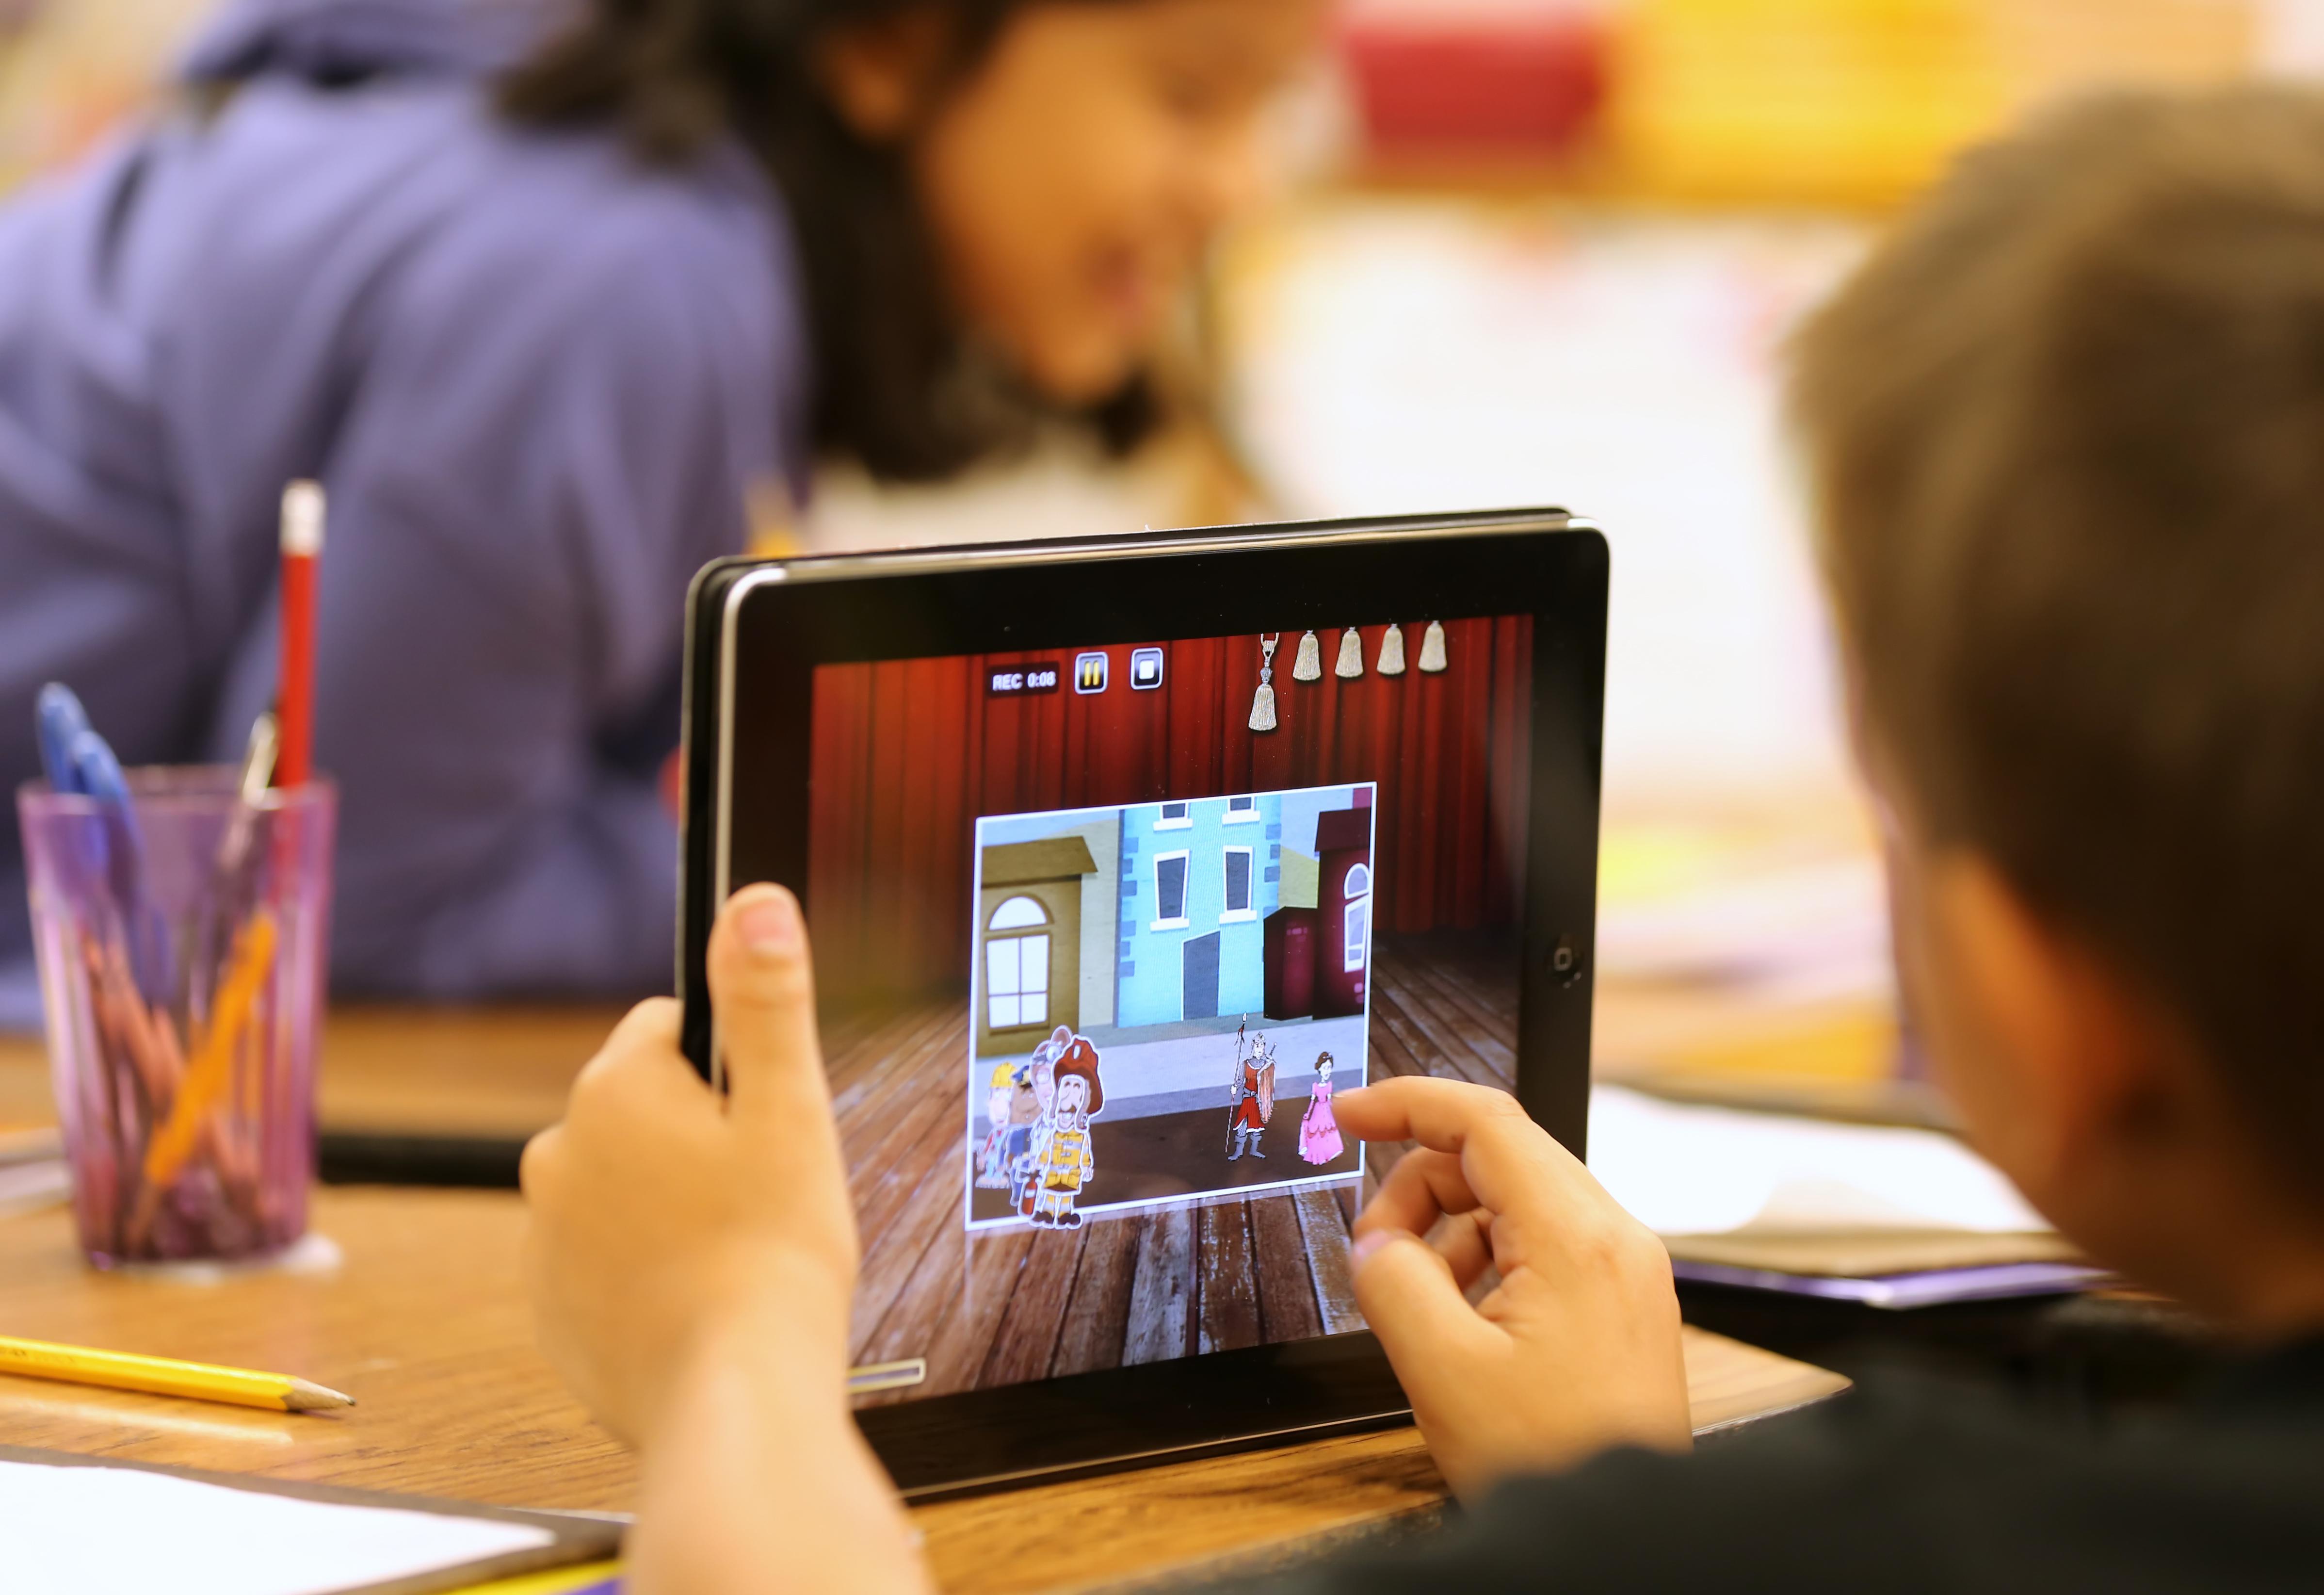 Thầy cô giáo không thể quản lý được việc trẻ em học hay chơi game trên máy tính bảng